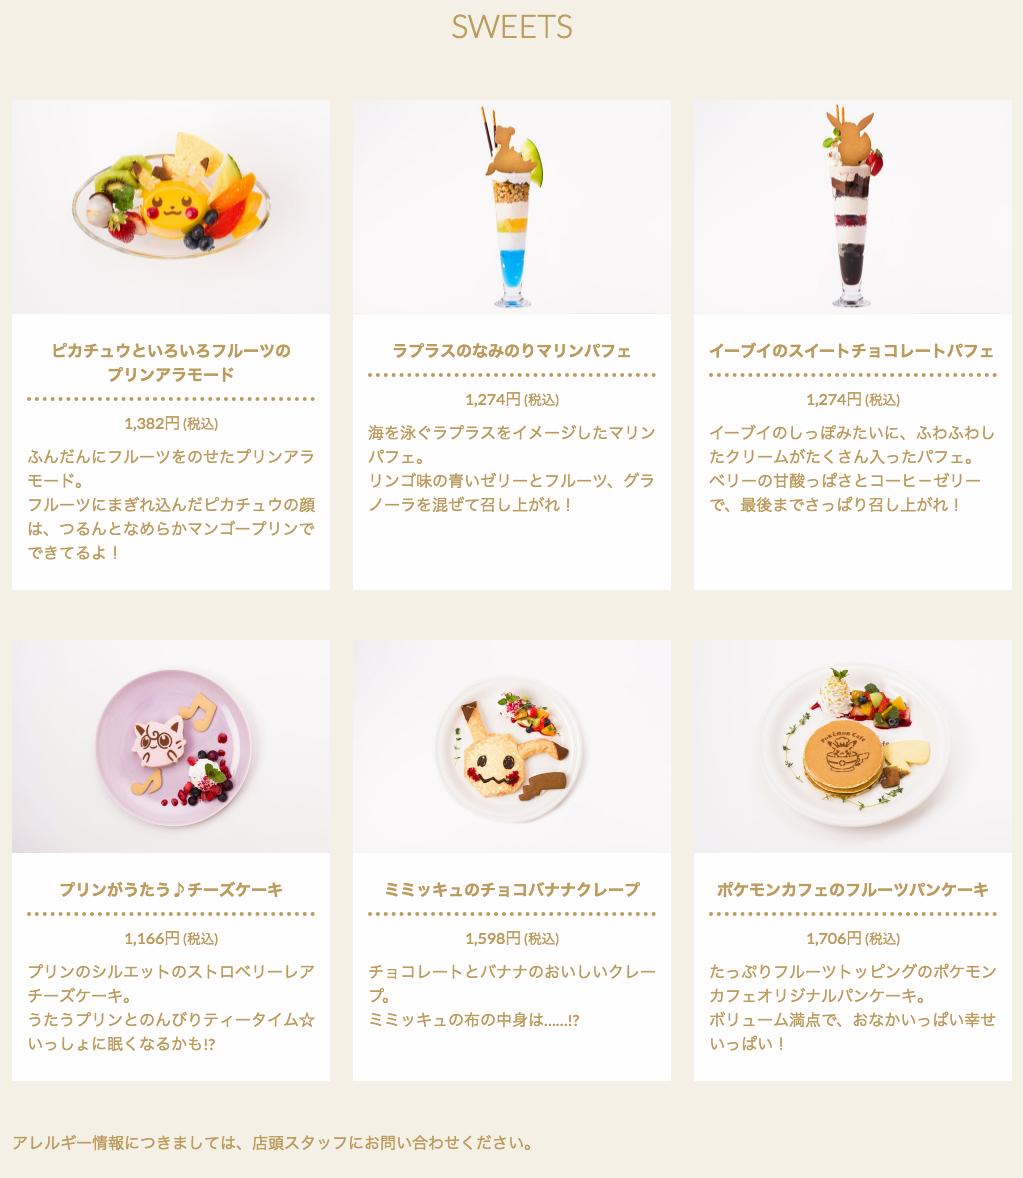 screencapture-pokemoncenter-online-cafe-menu-2018-09-07-09_11_05.png